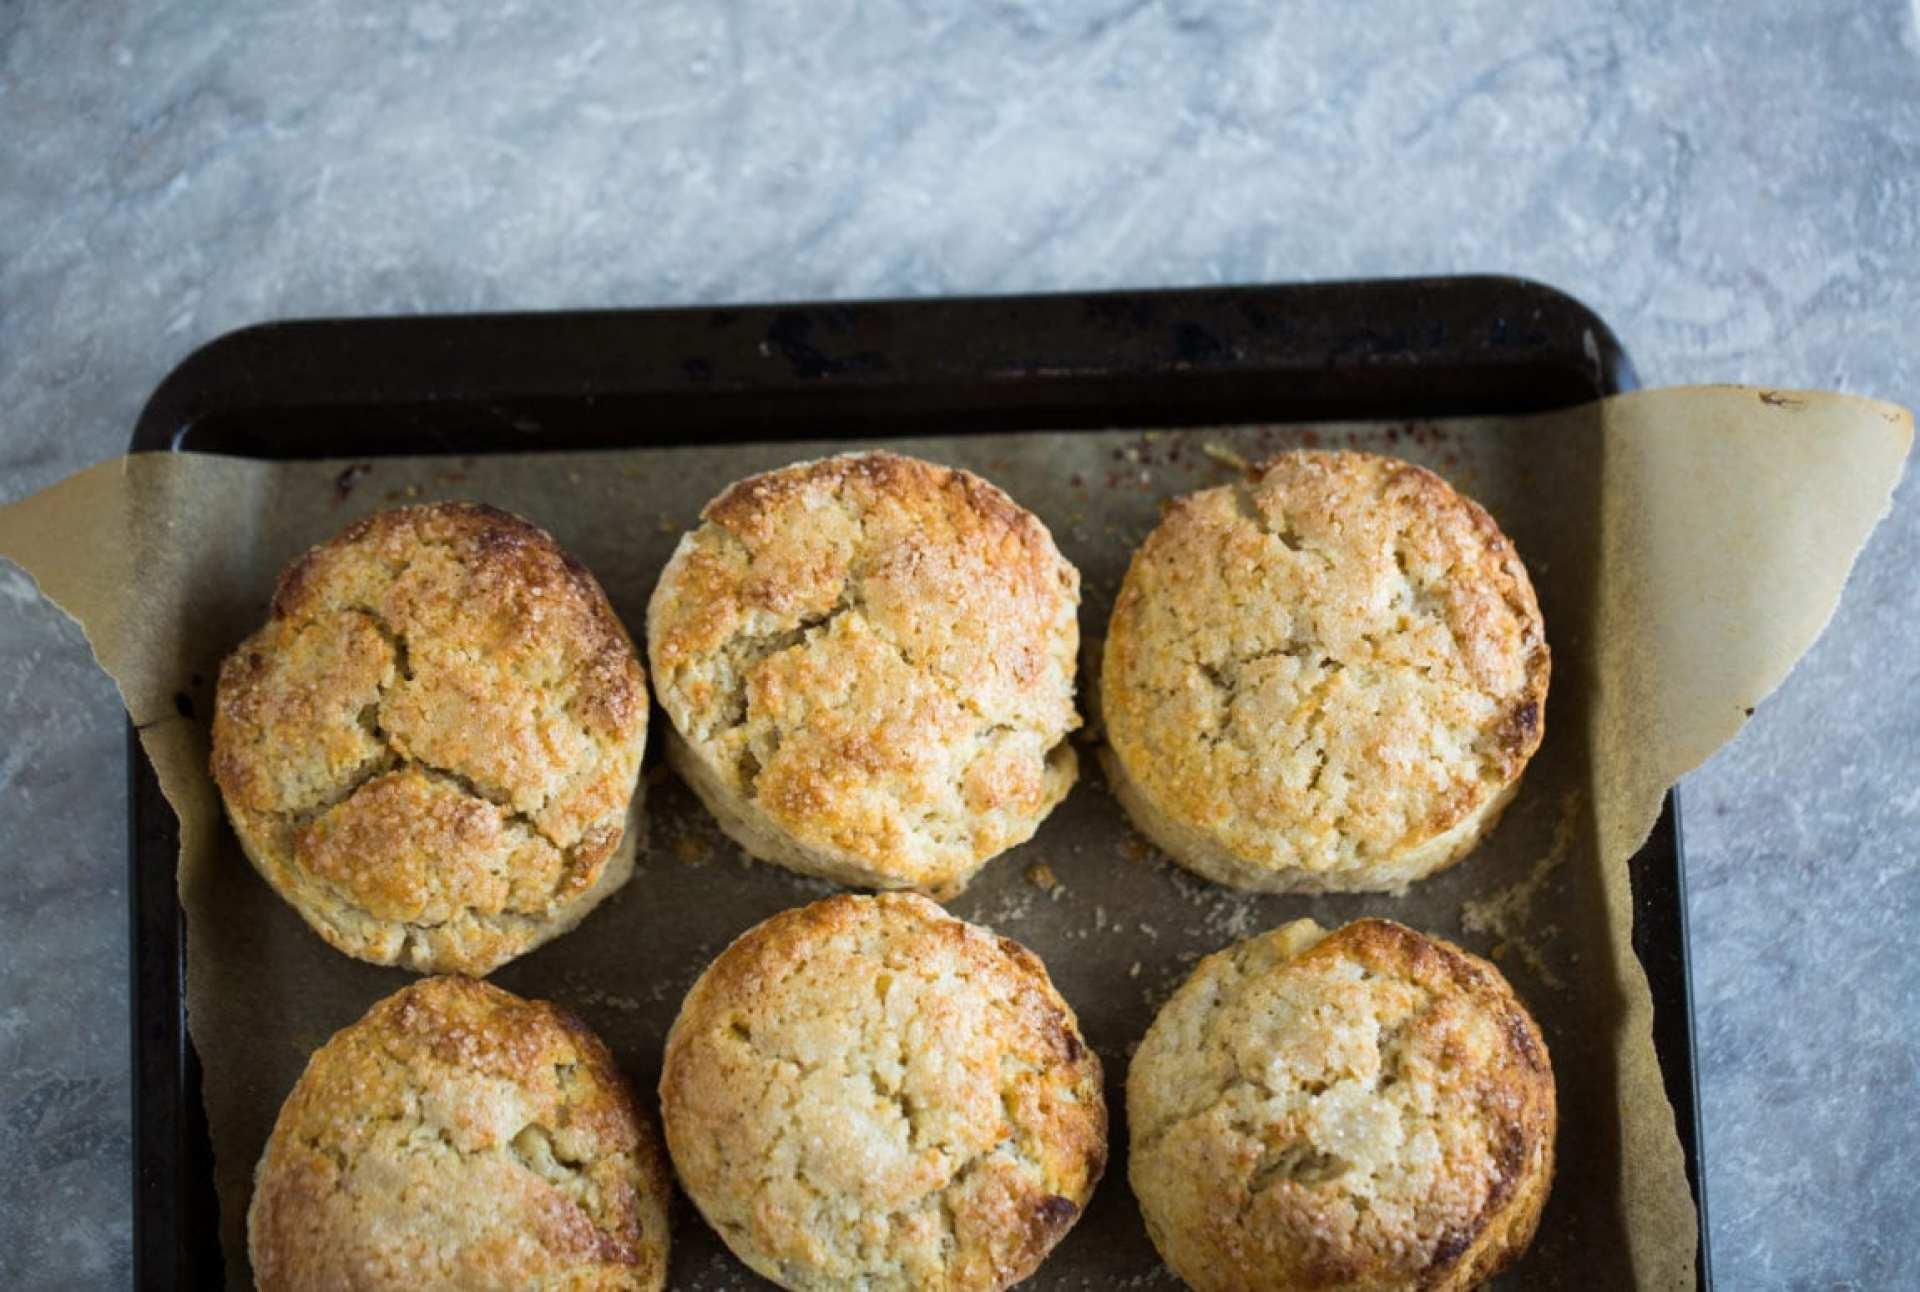 Barley & Rosemary Strawberry Shortcakes with Vanilla Bean Coconut Whipped Cream